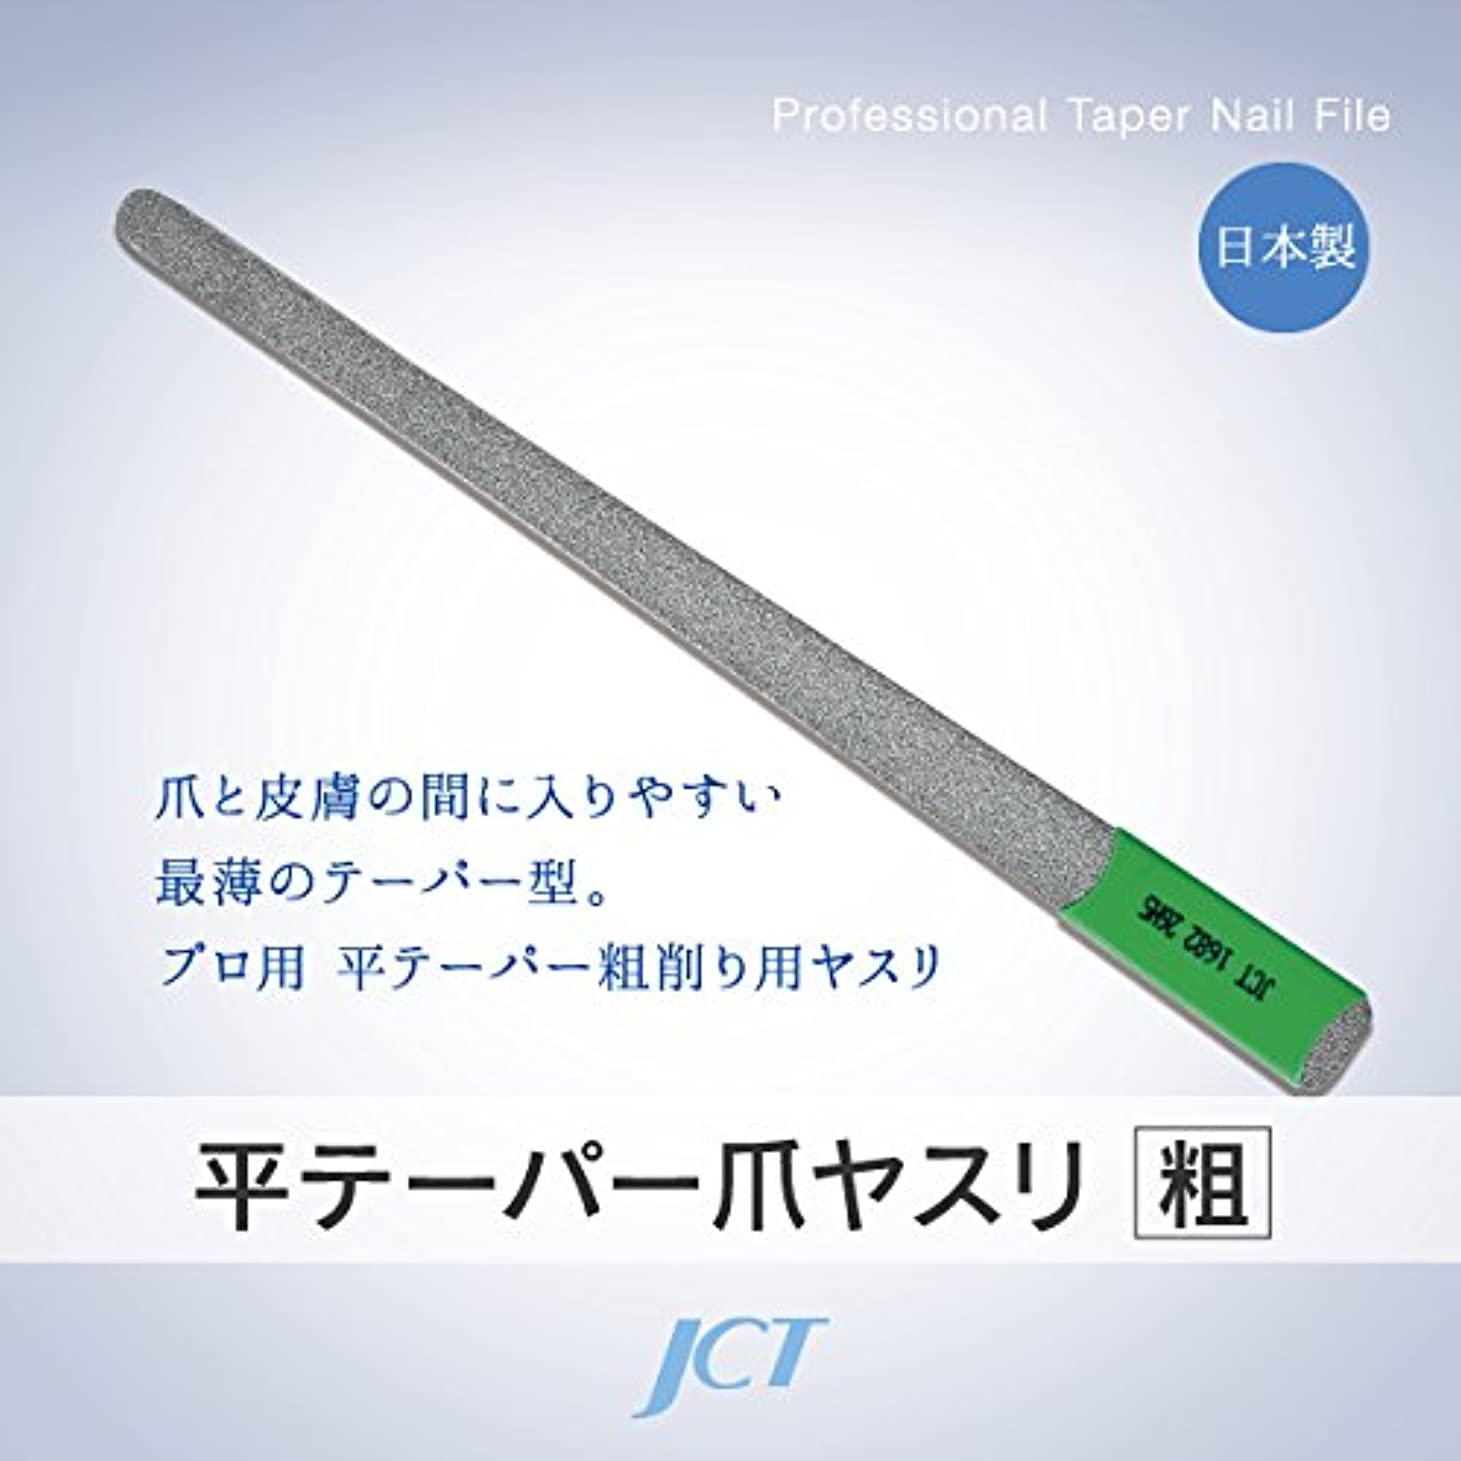 合唱団シアー休日にJCT メディカル フットケア ダイヤモンド平テーパー爪ヤスリ(粗) 滅菌可 日本製 1年間保証付